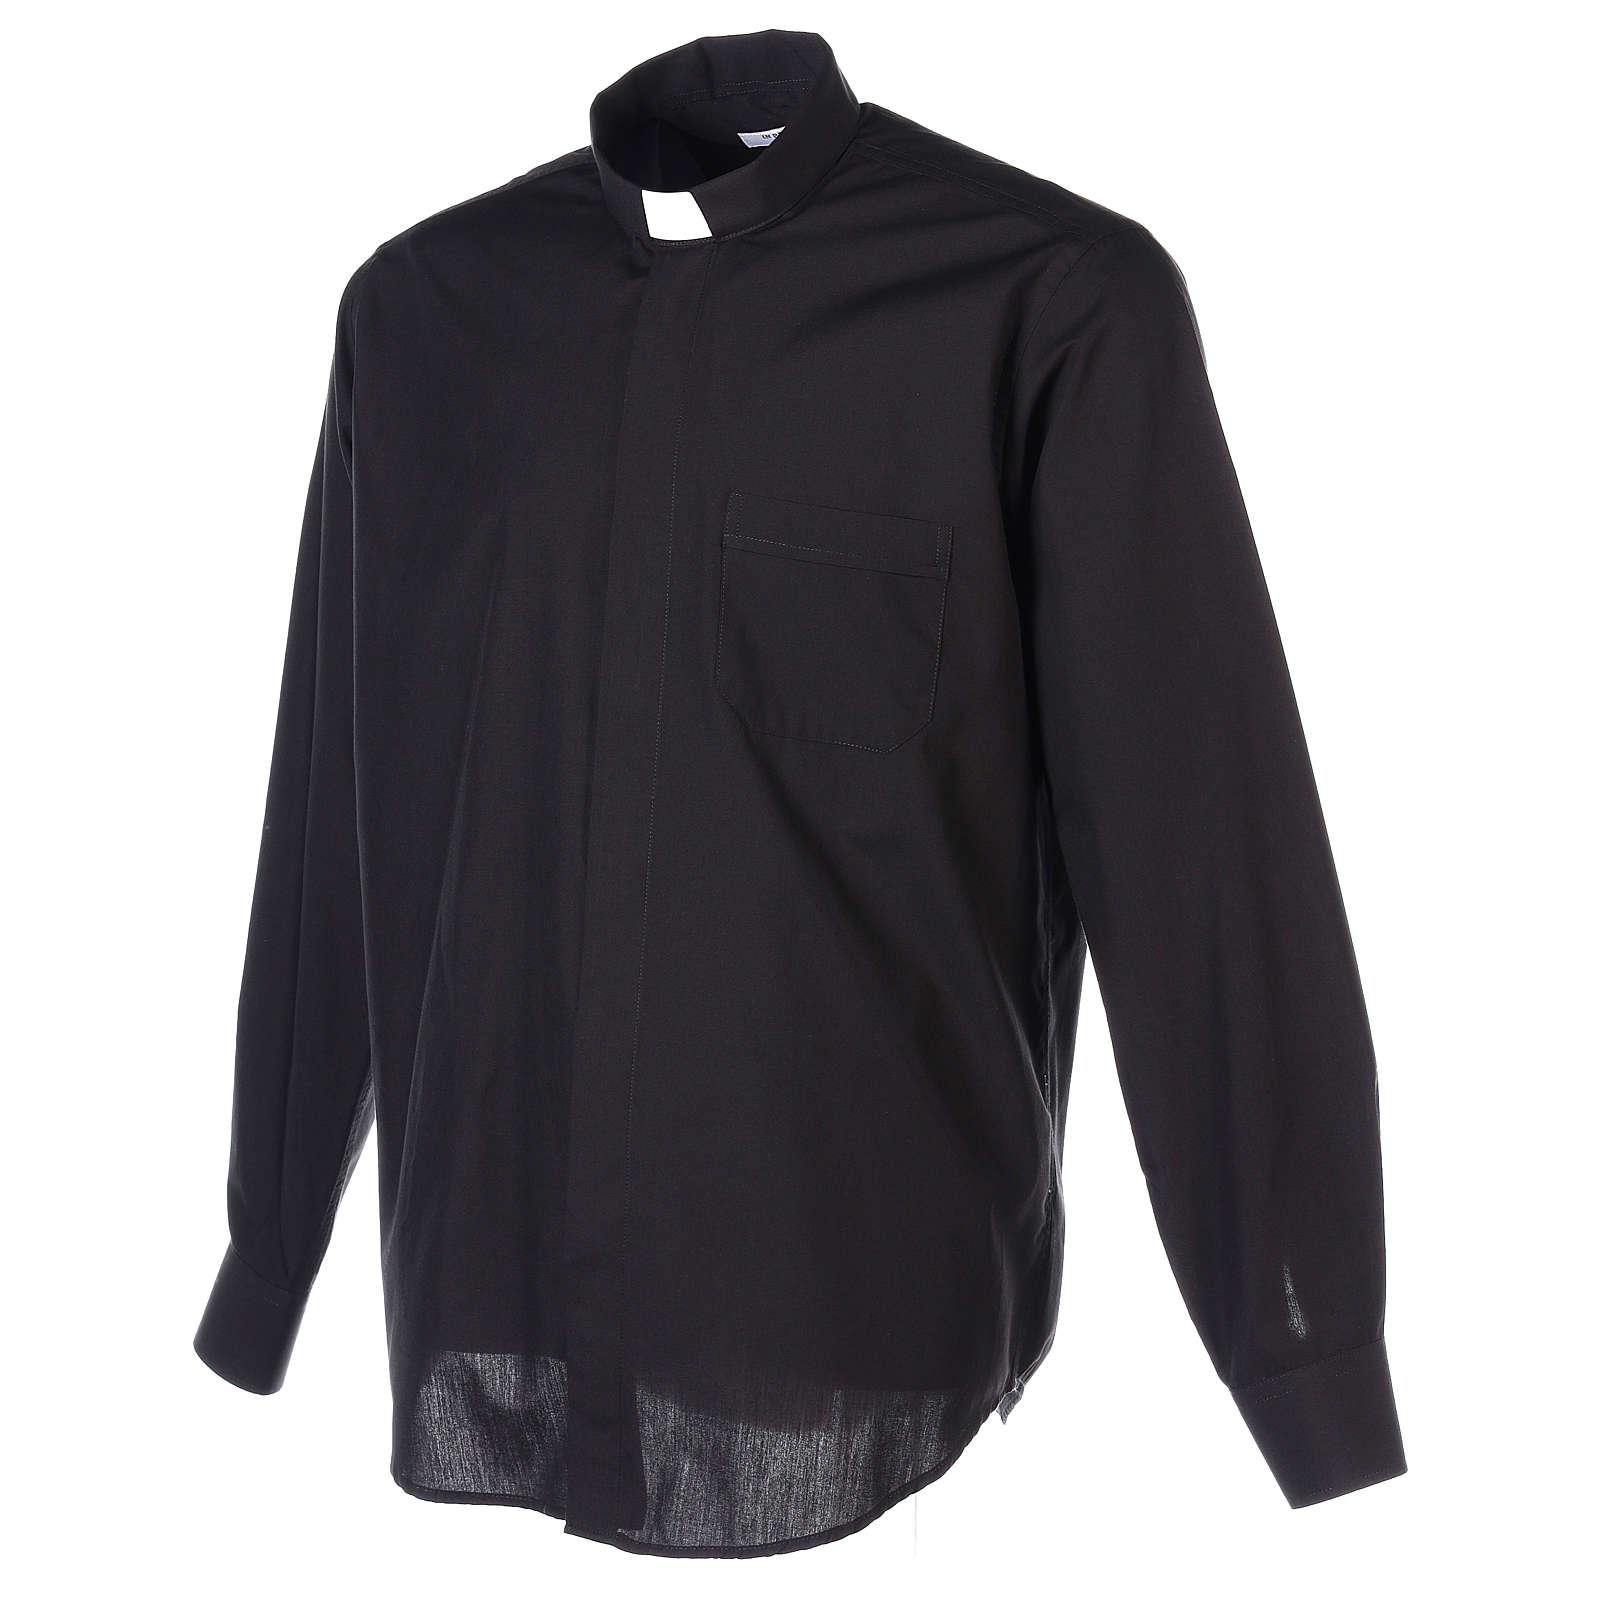 Collarhemd mit Langarm aus Baumwoll-Mischgewebe in der Farbe Schwarz In Primis 4